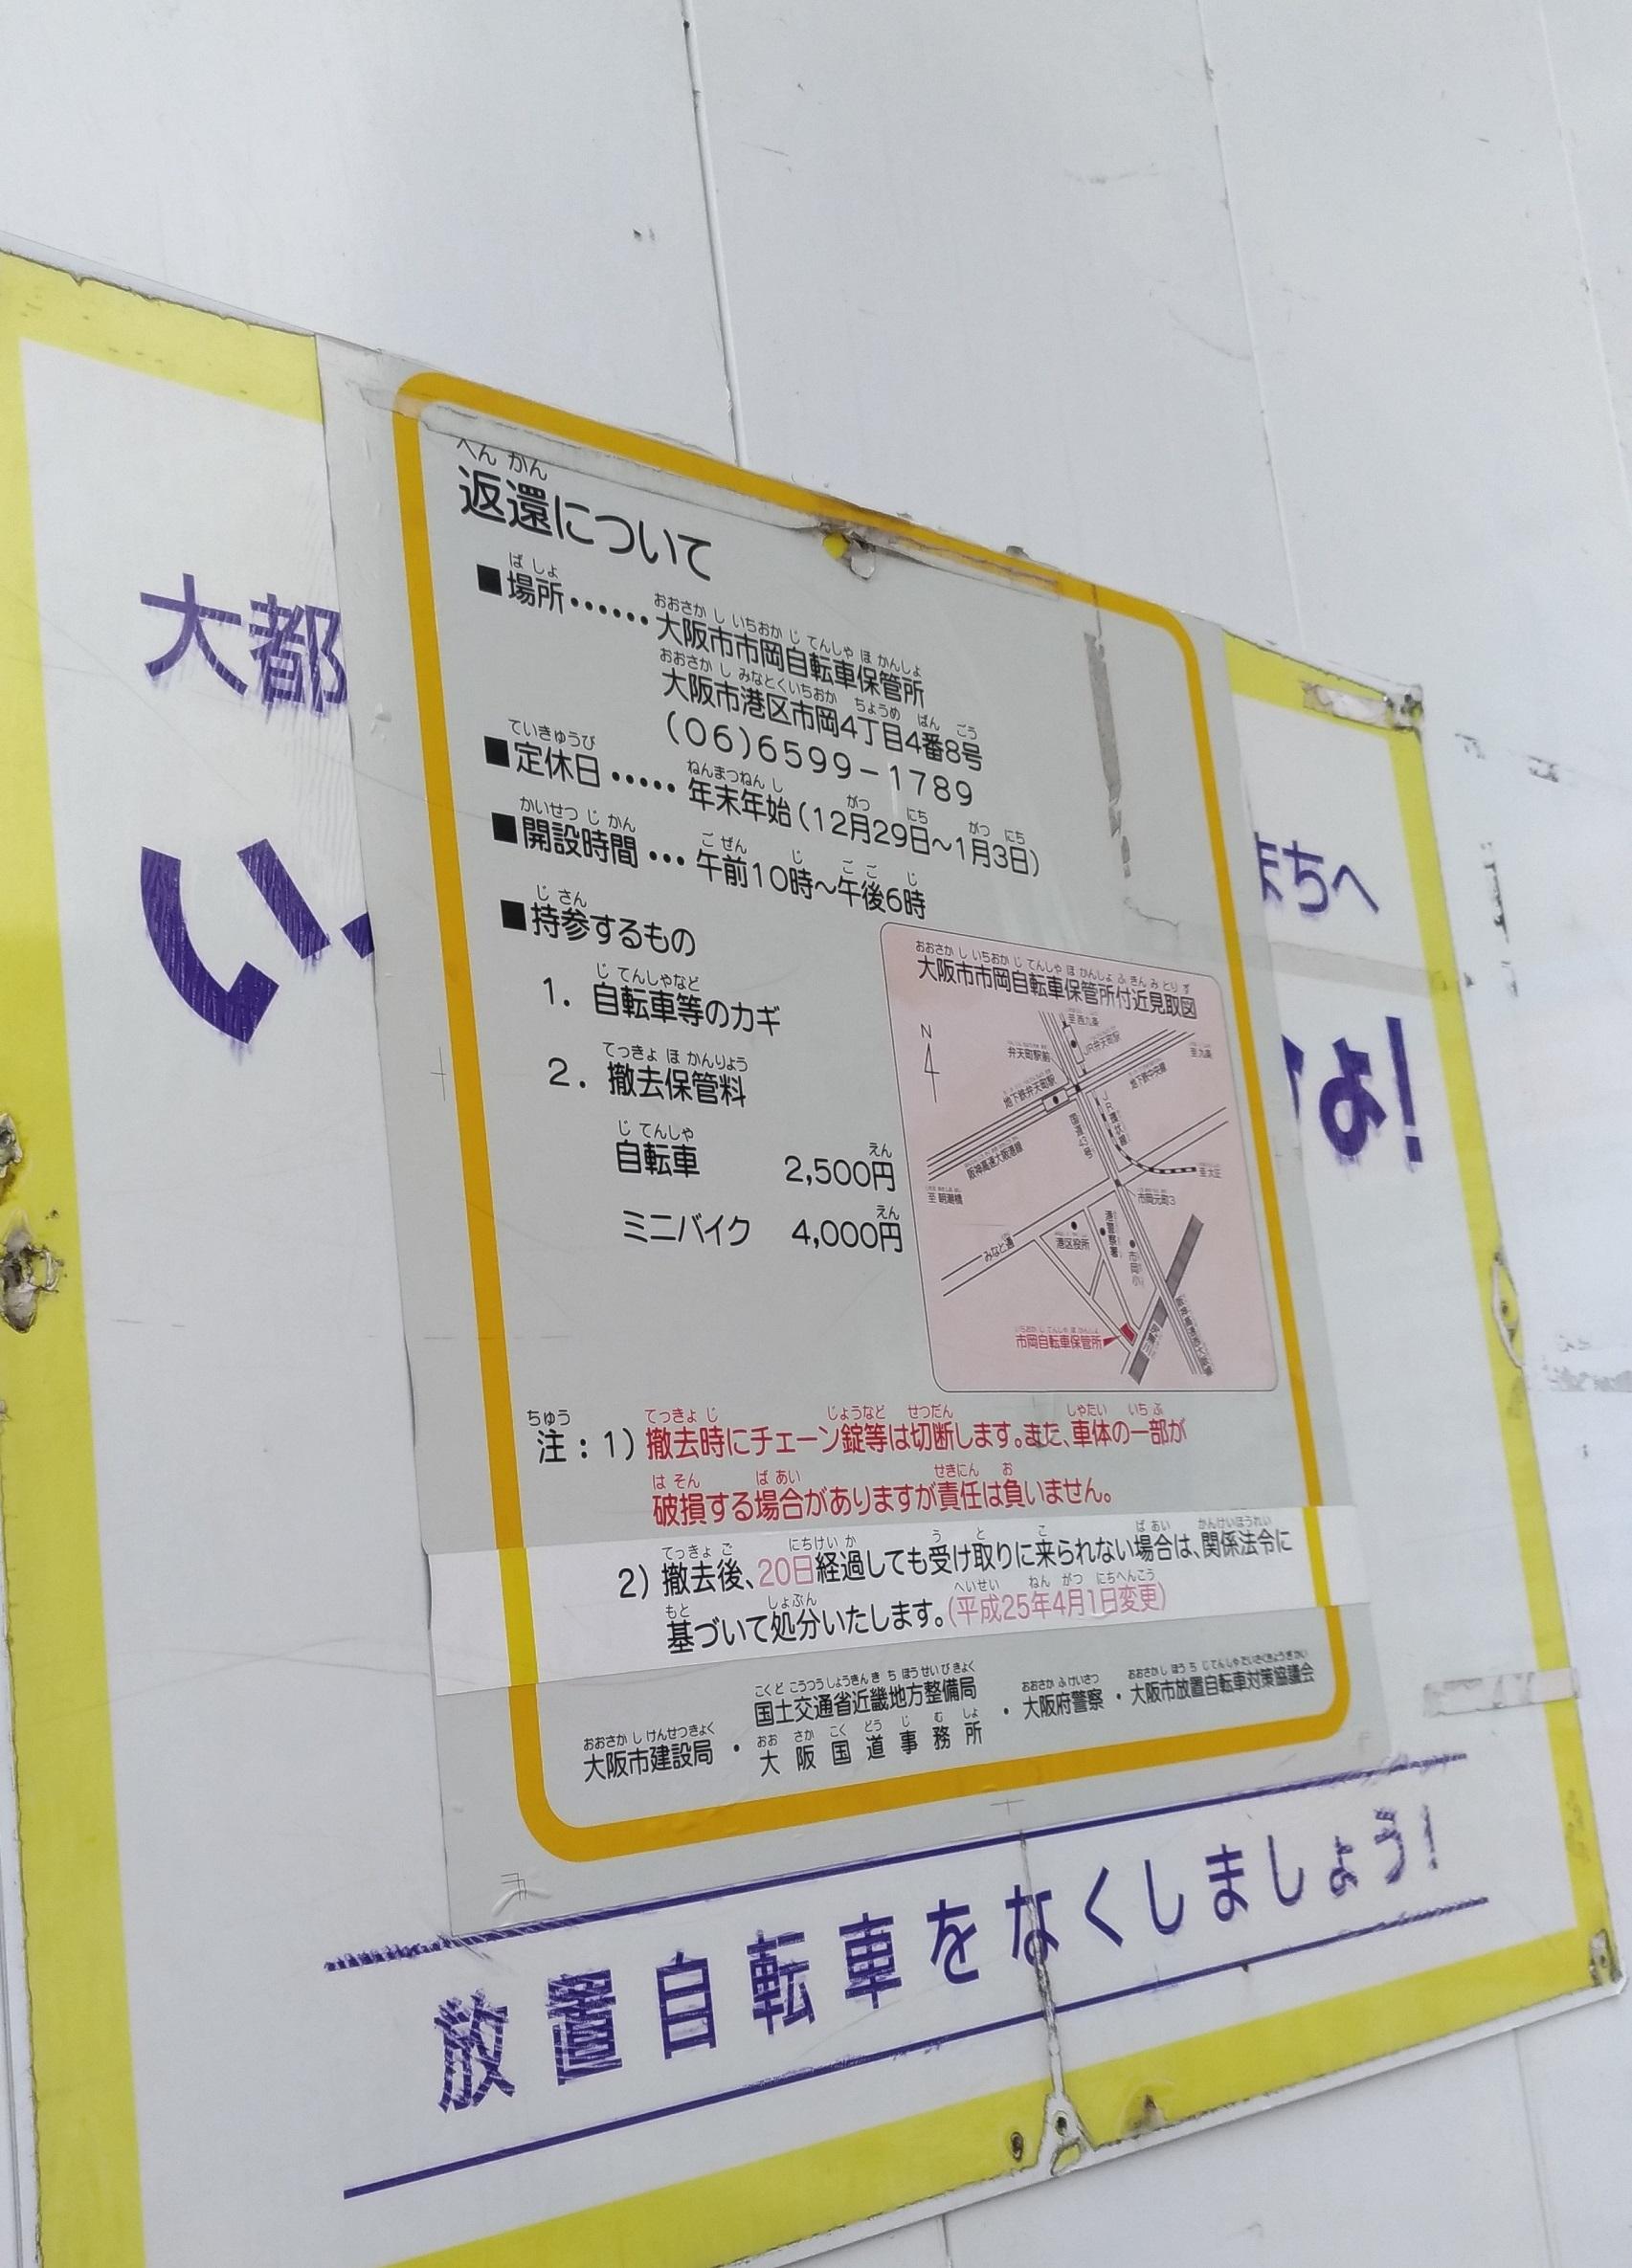 umeda_yodobashi_g20_osaka_.jpg